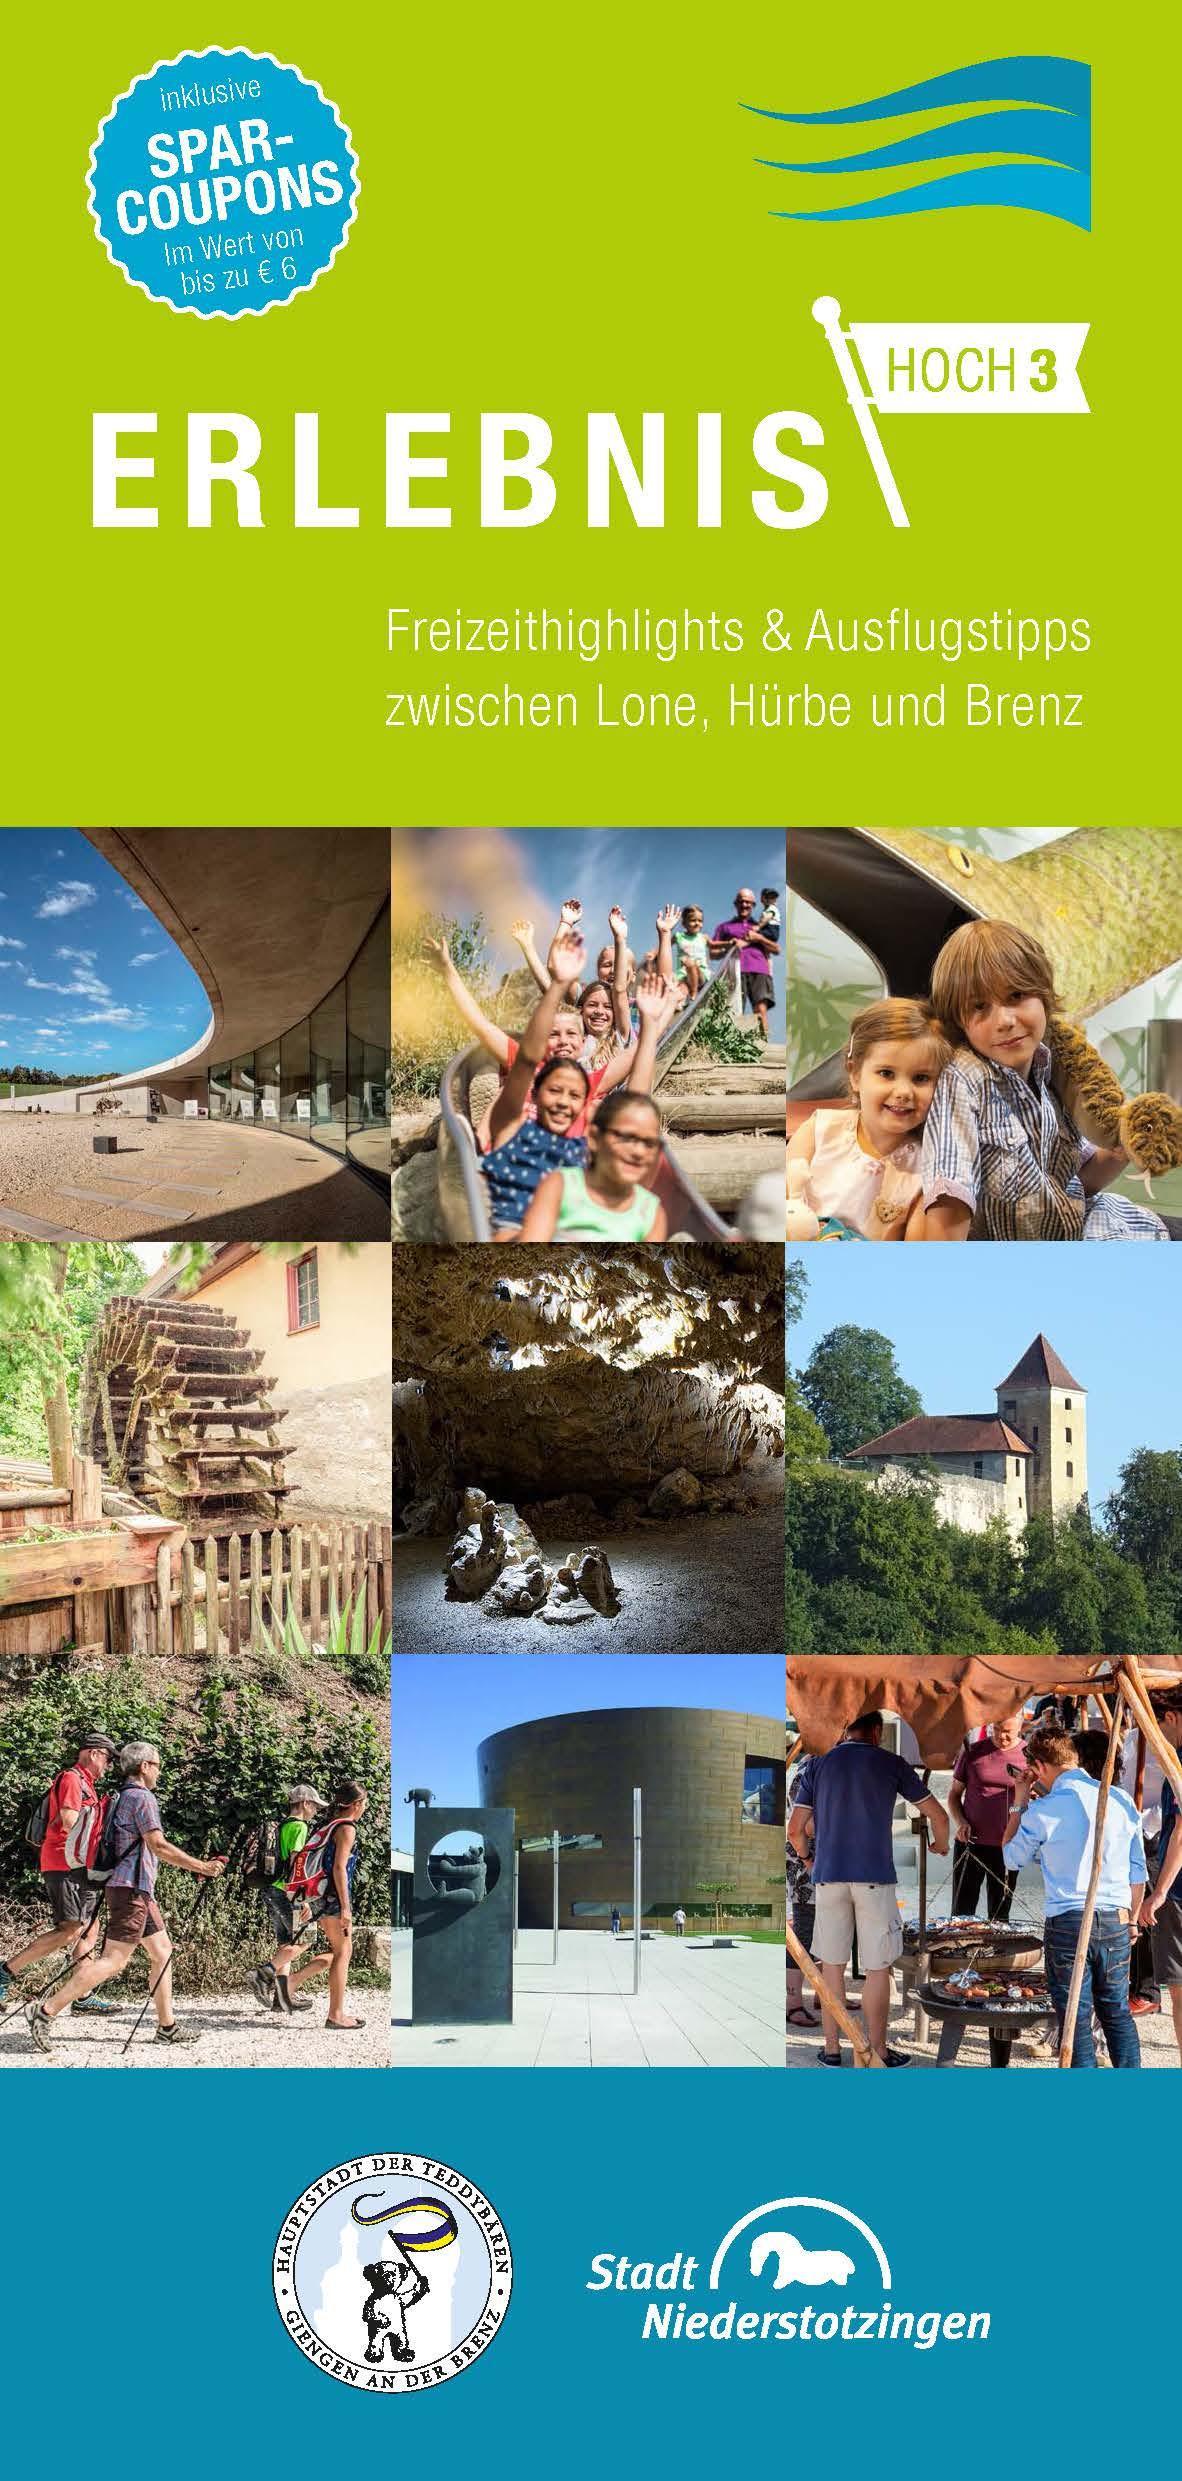 Flyer Erlebnis Hoch 3 - Freizeithighlights und Ausflugtips zwischen Lone, Hürbe und Brenz (PDF)